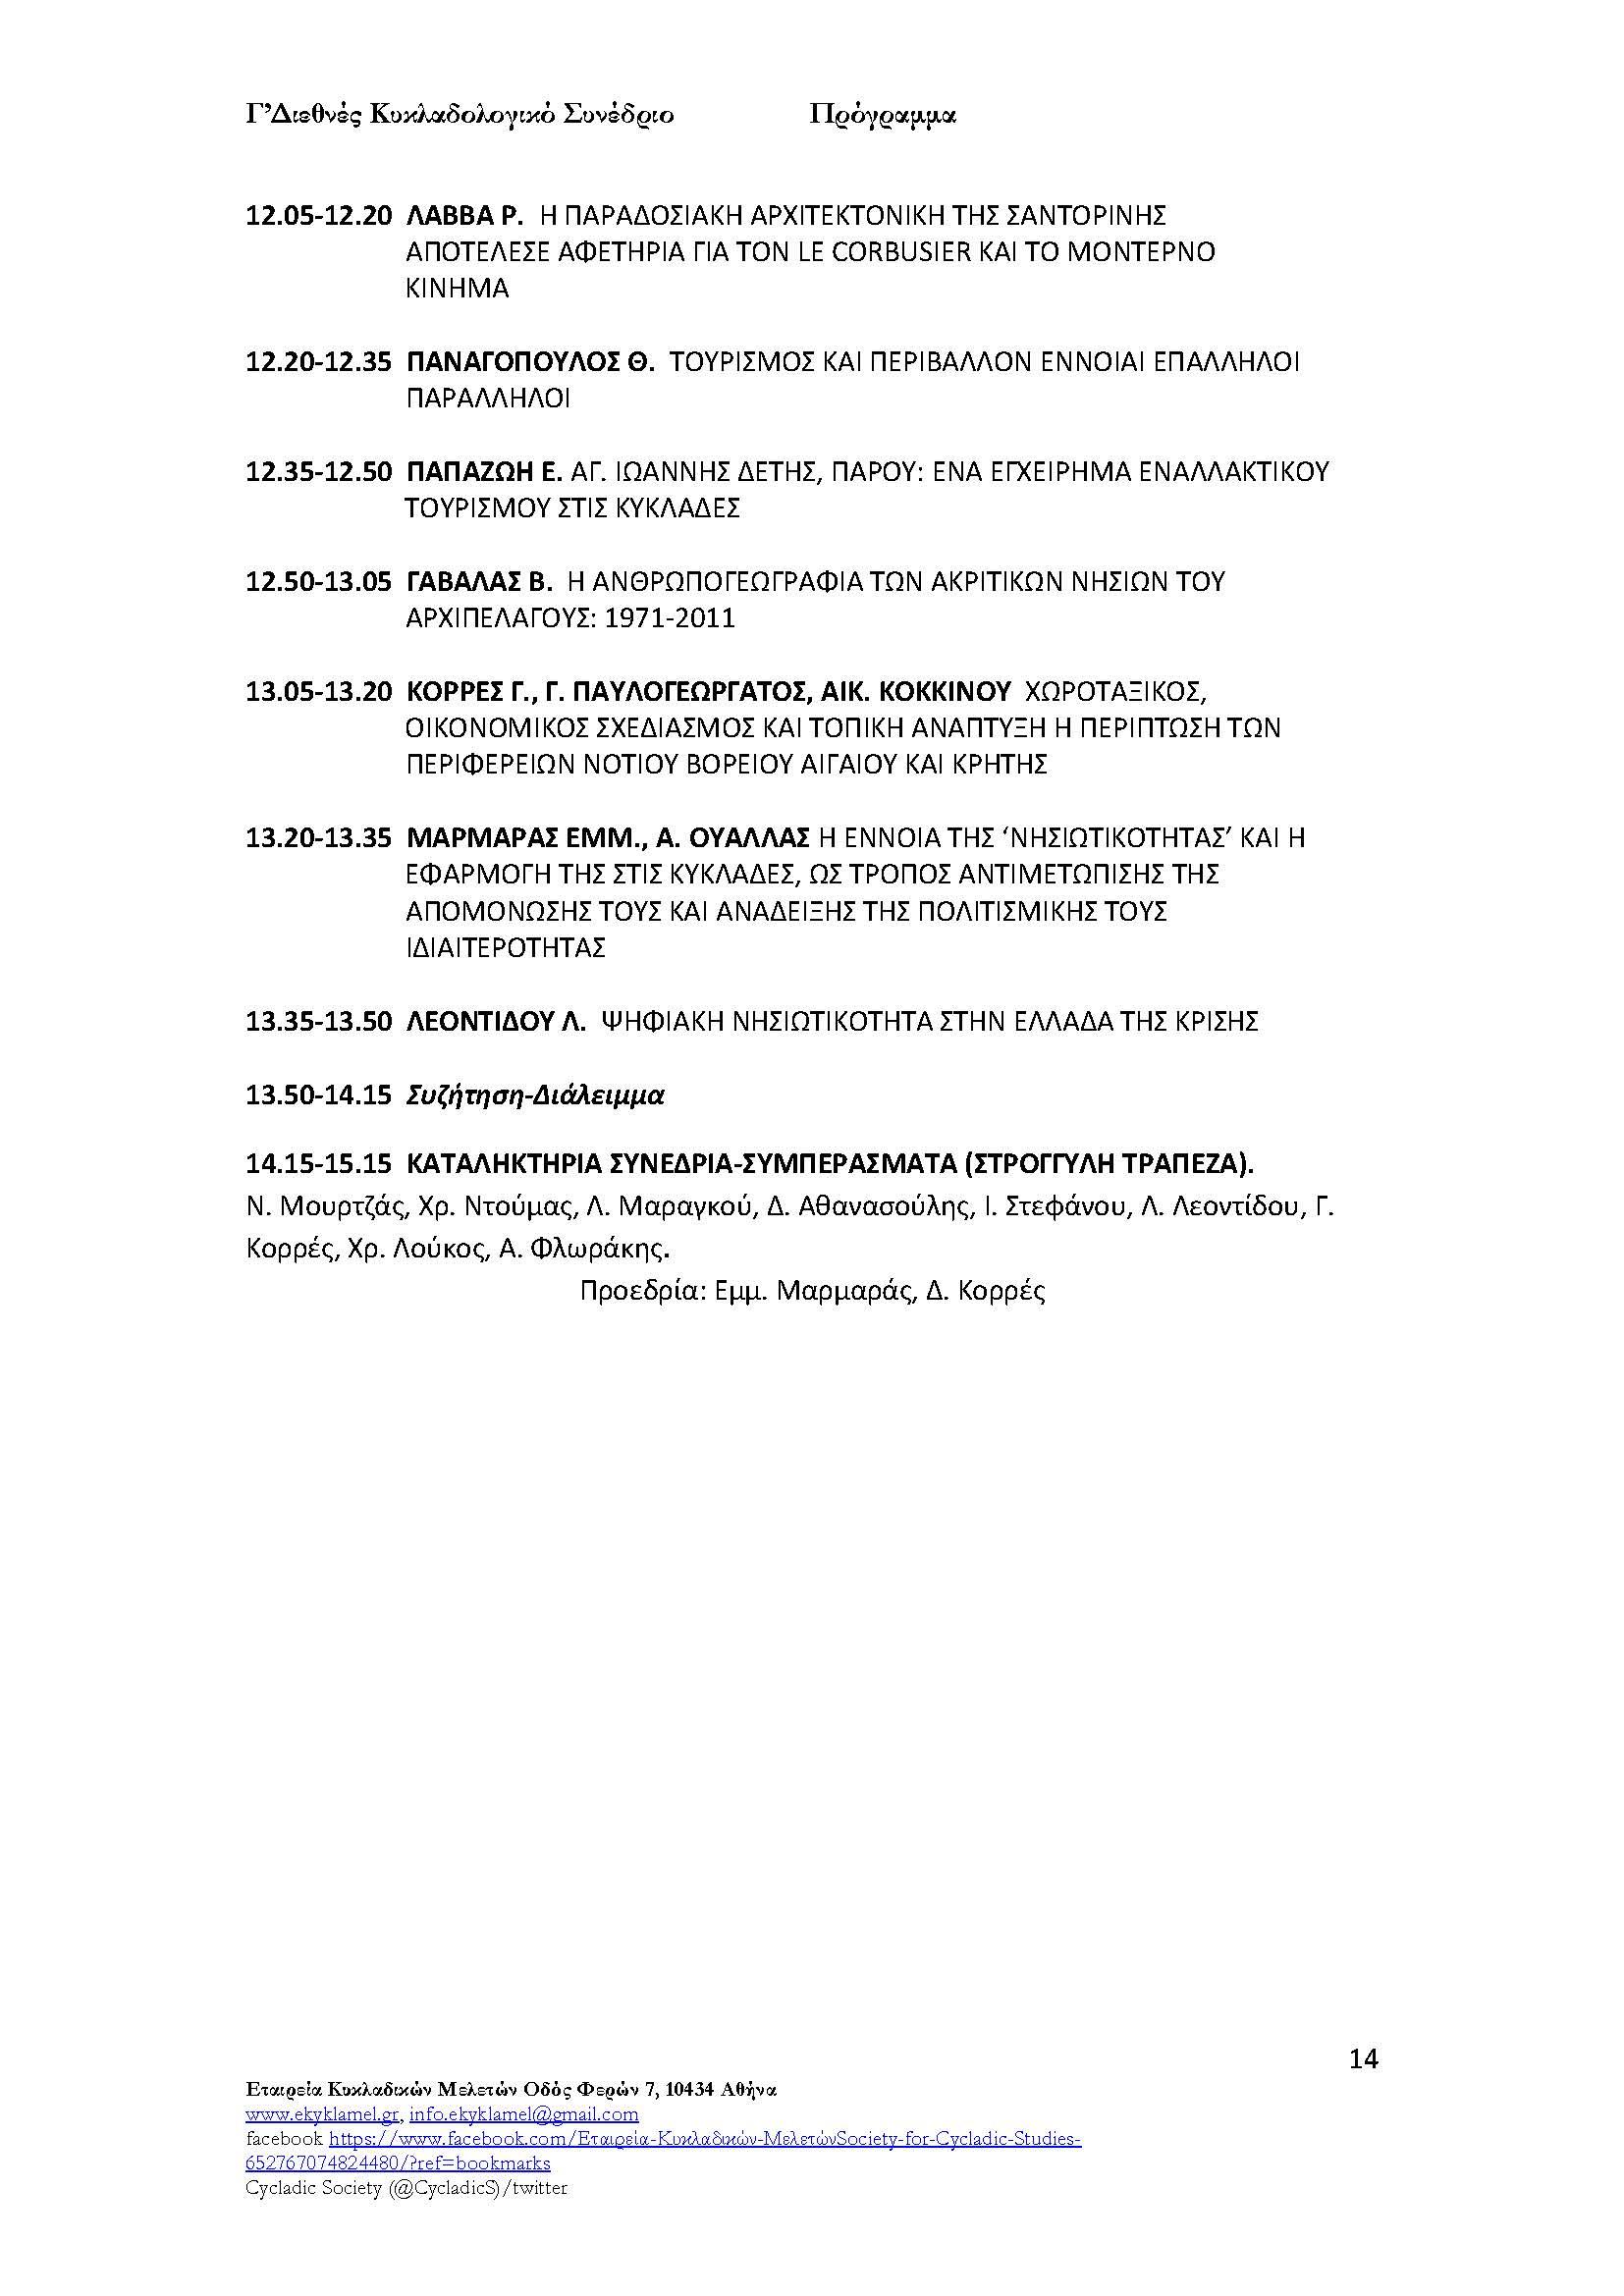 πρόγραμμα Γ' Κυκλαδολογικού Συνεδρίου (1)_Page_14